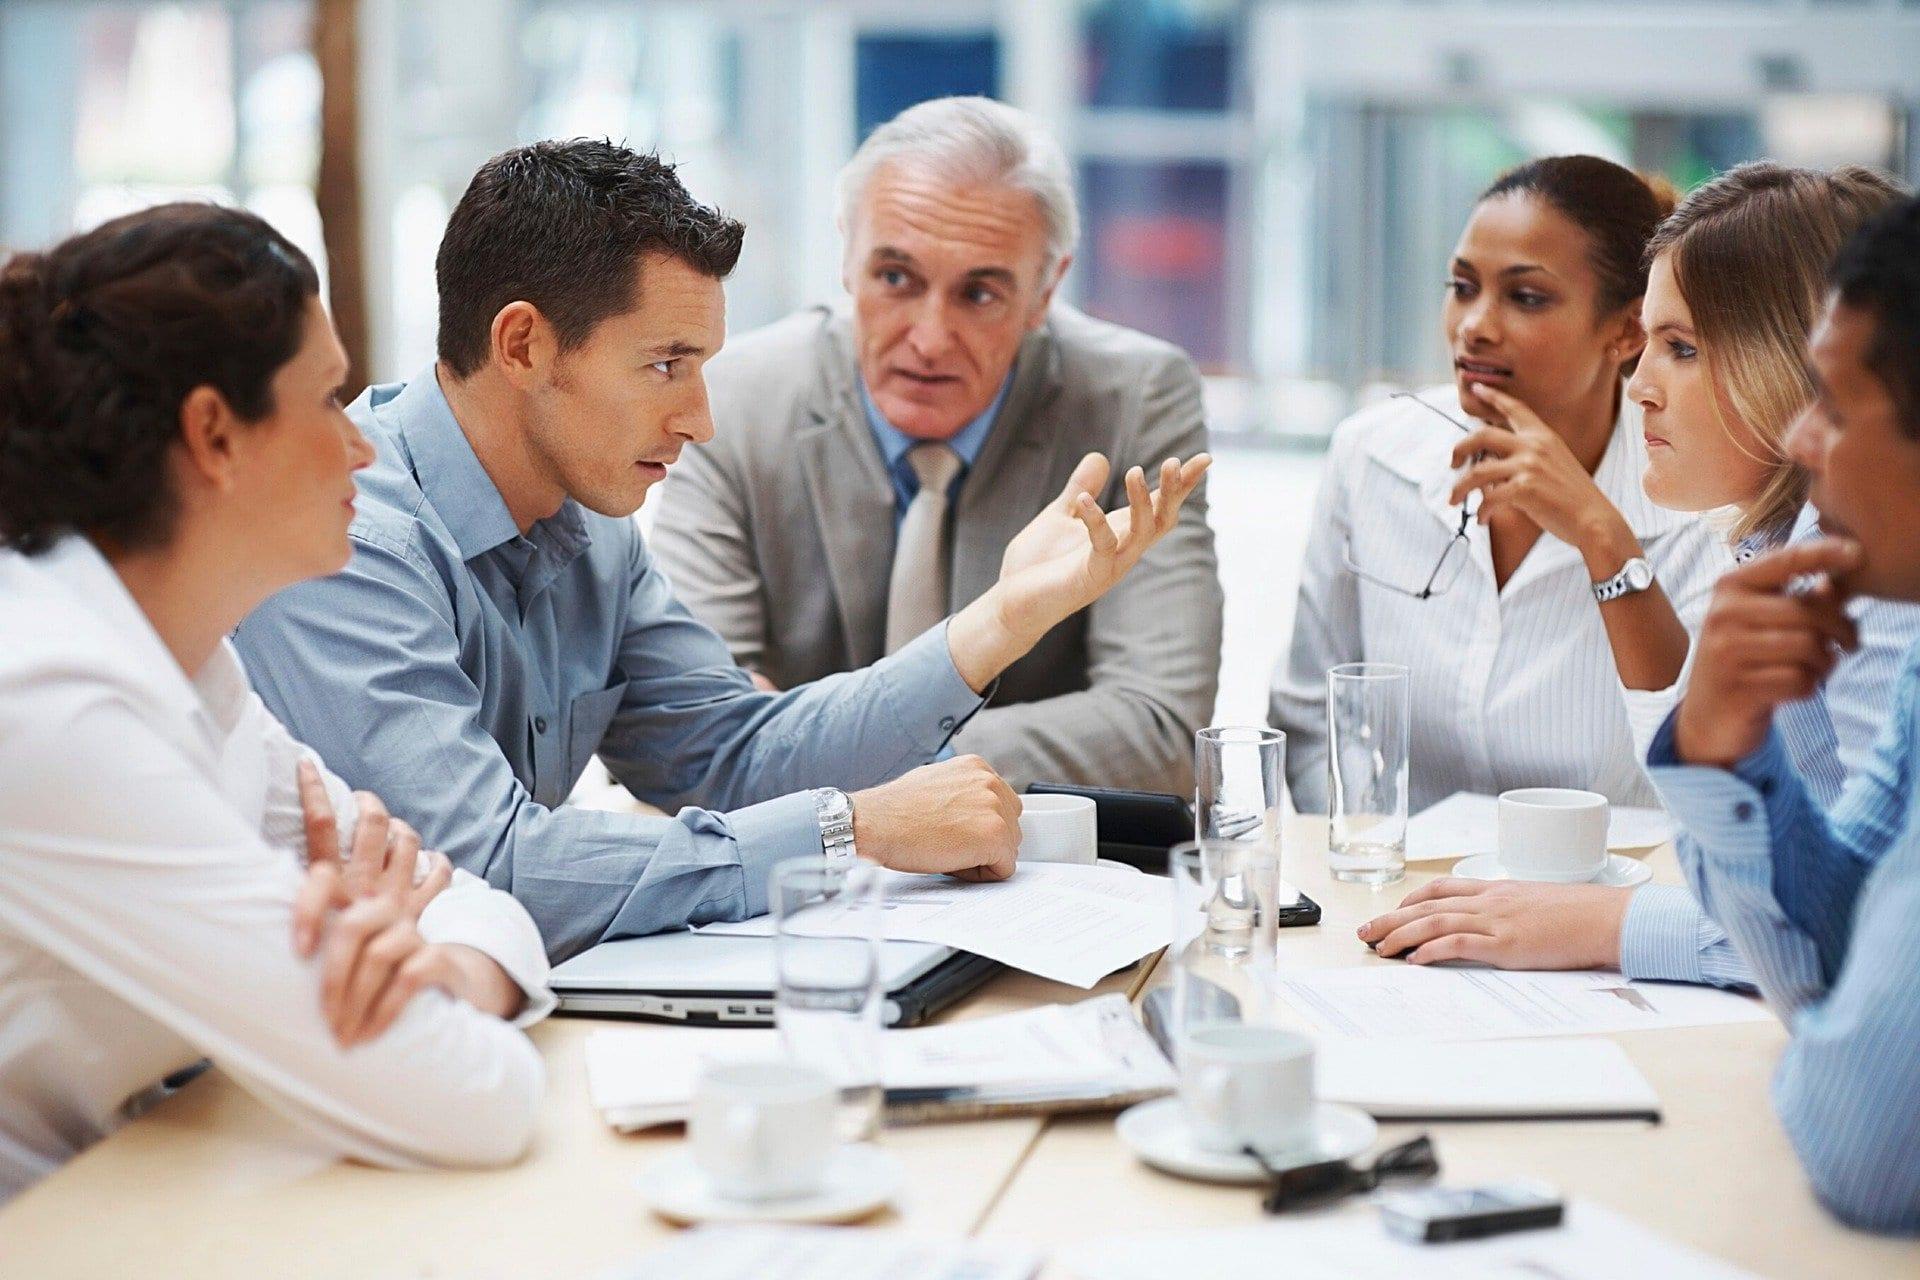 Classificazione datori di lavoro ai fini previdenziali, nuove indicazioni